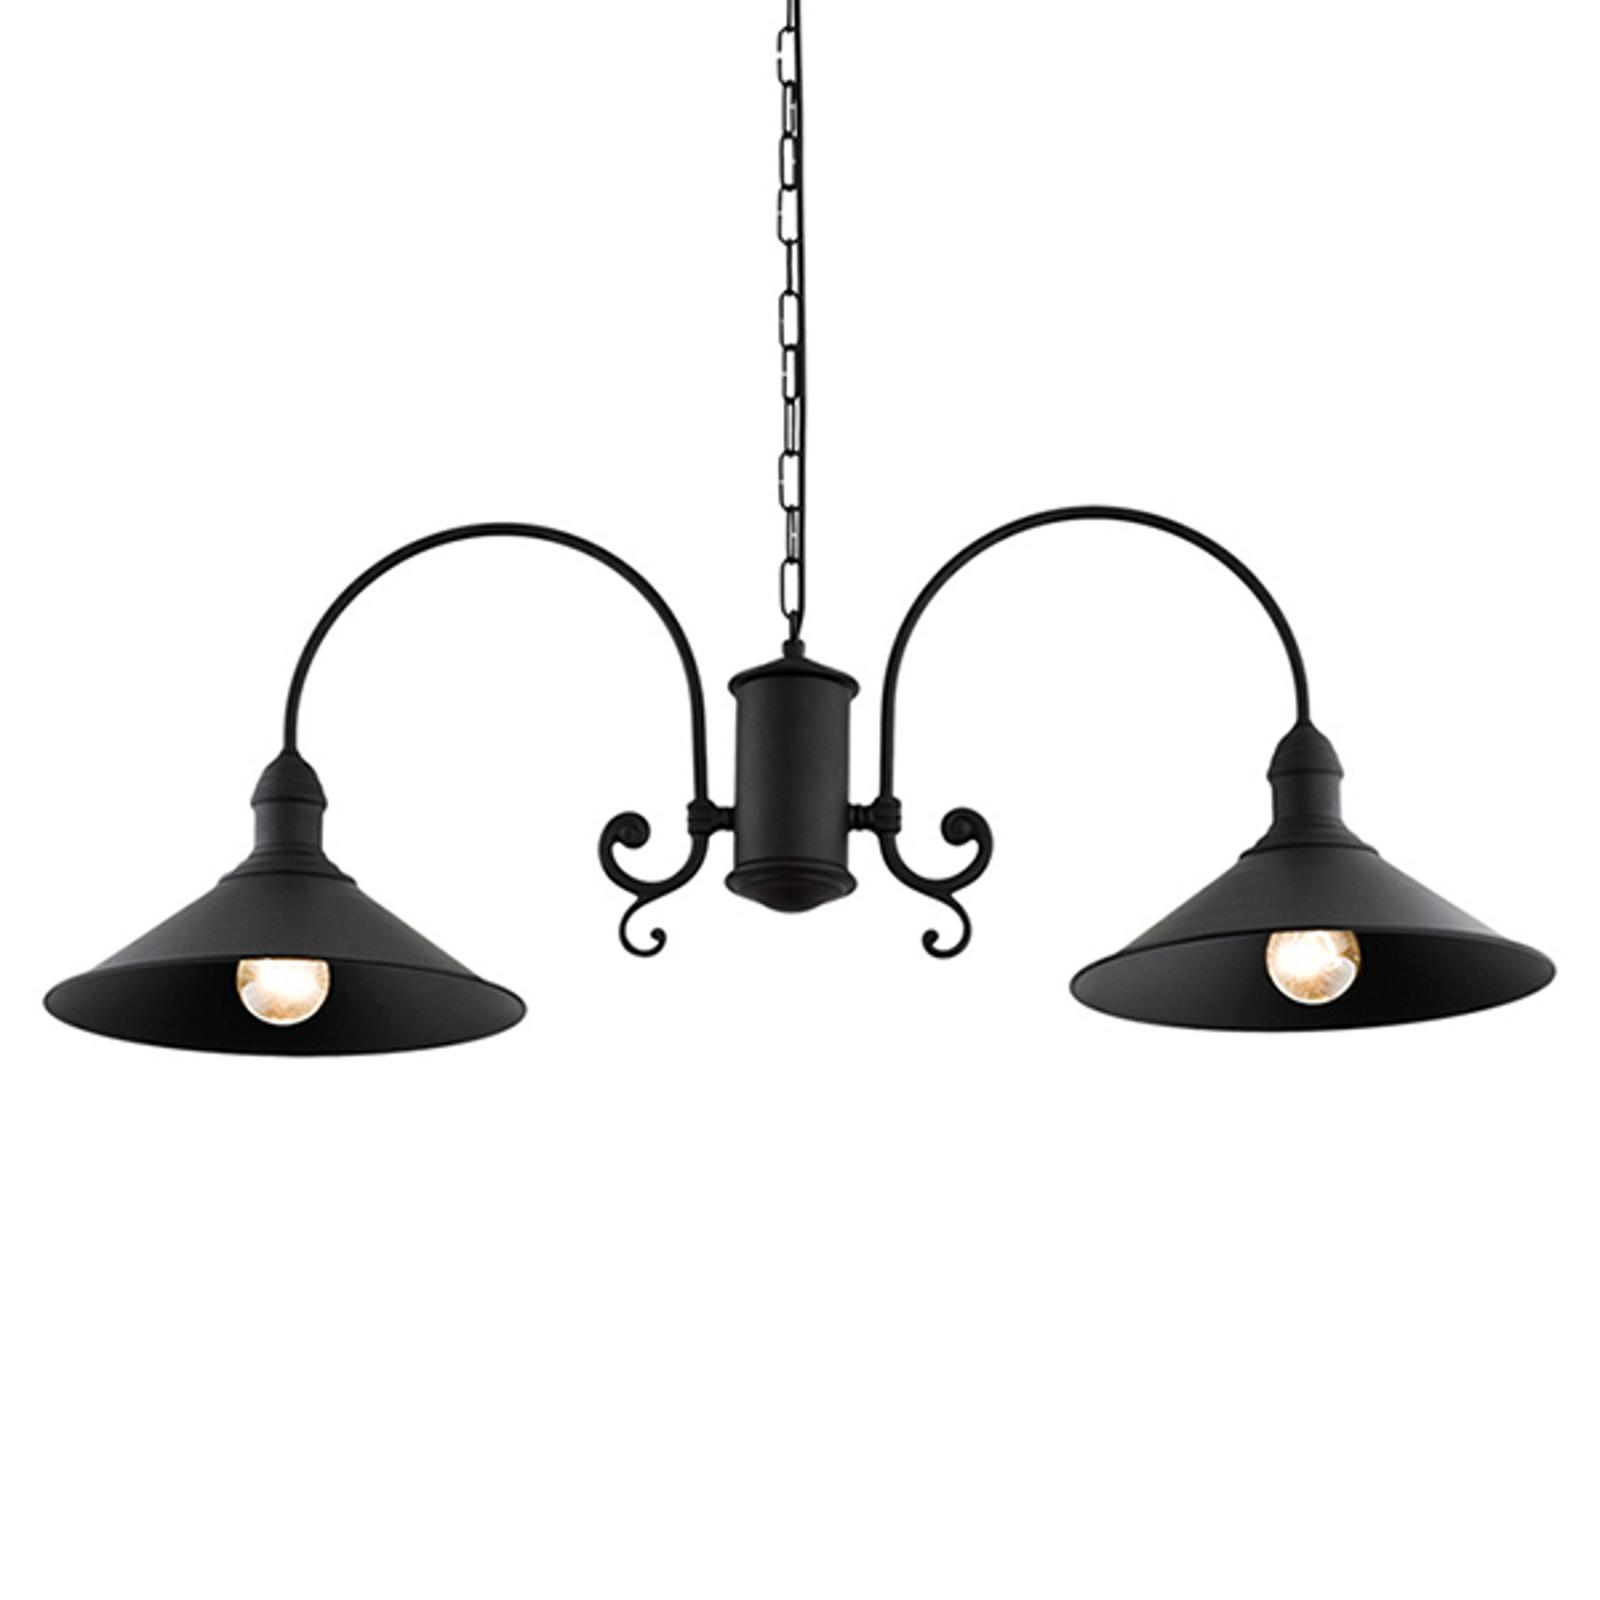 Elmo hængelampe, 2 lyskilder, sort